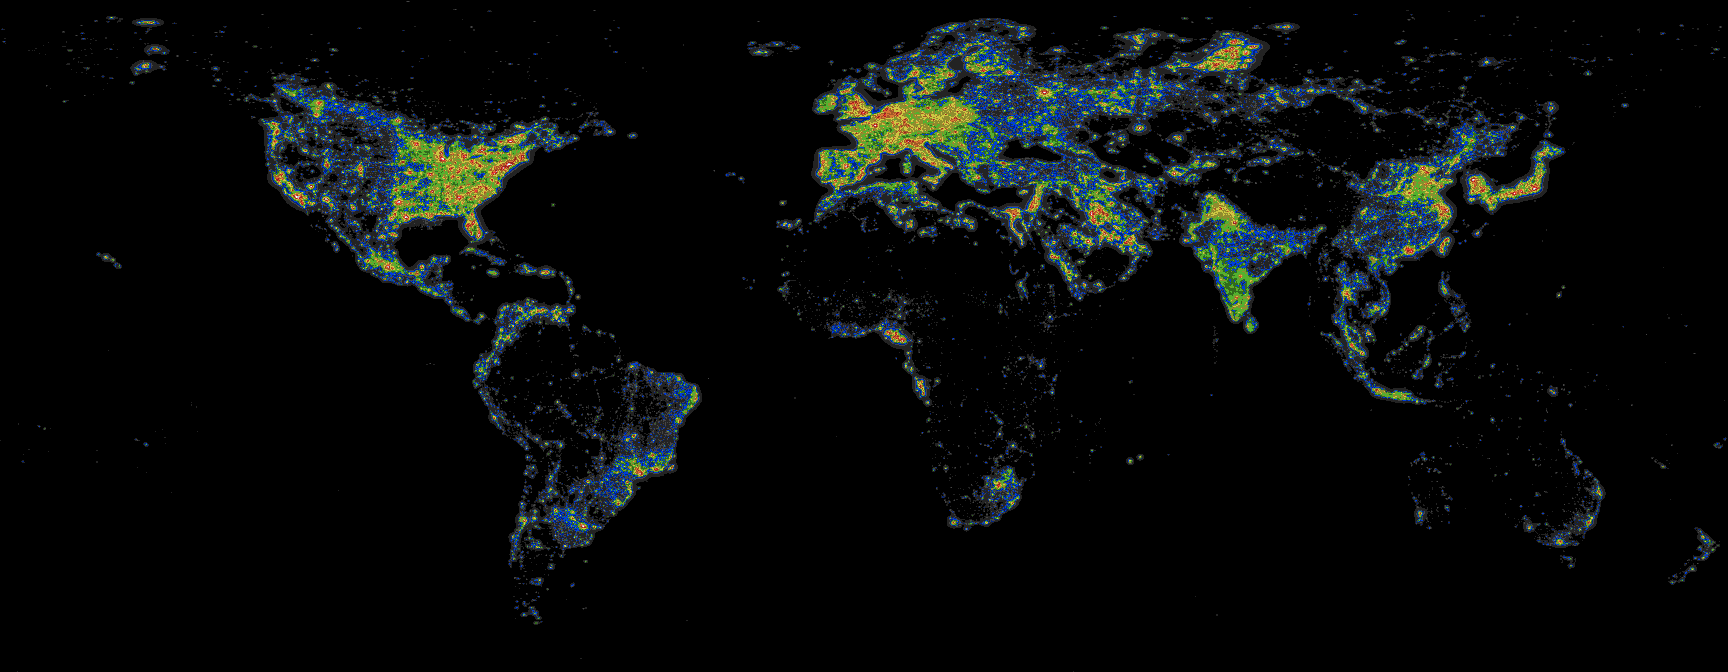 Light Pollution Atlas 2006